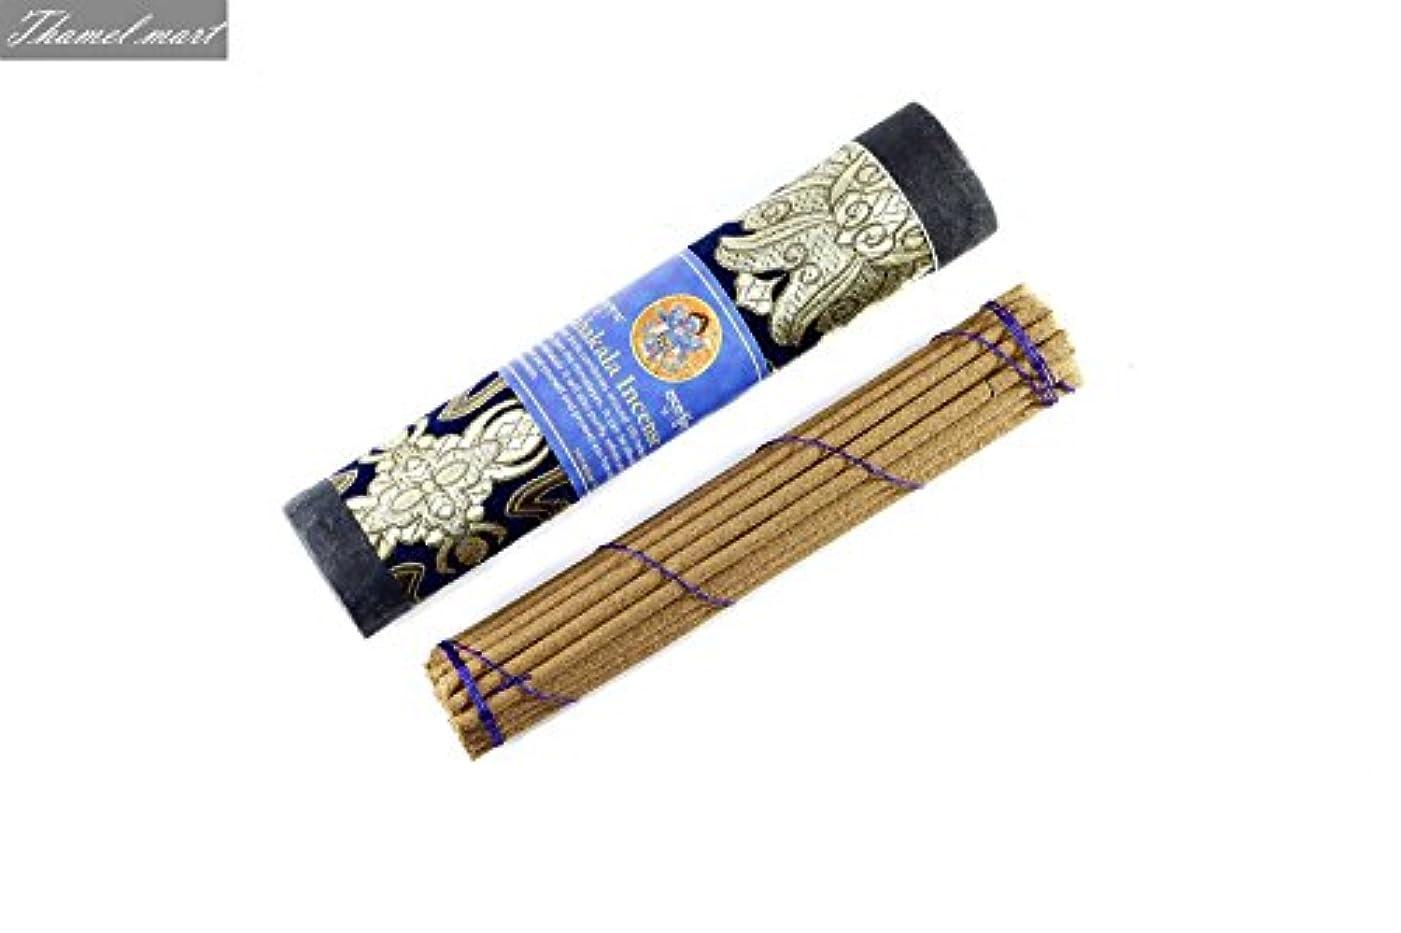 近所の意気消沈した十分にMahakala Incense Sticks - Spiritual & Medicinal Relaxation - More effective than Potpourris & Scented Oils